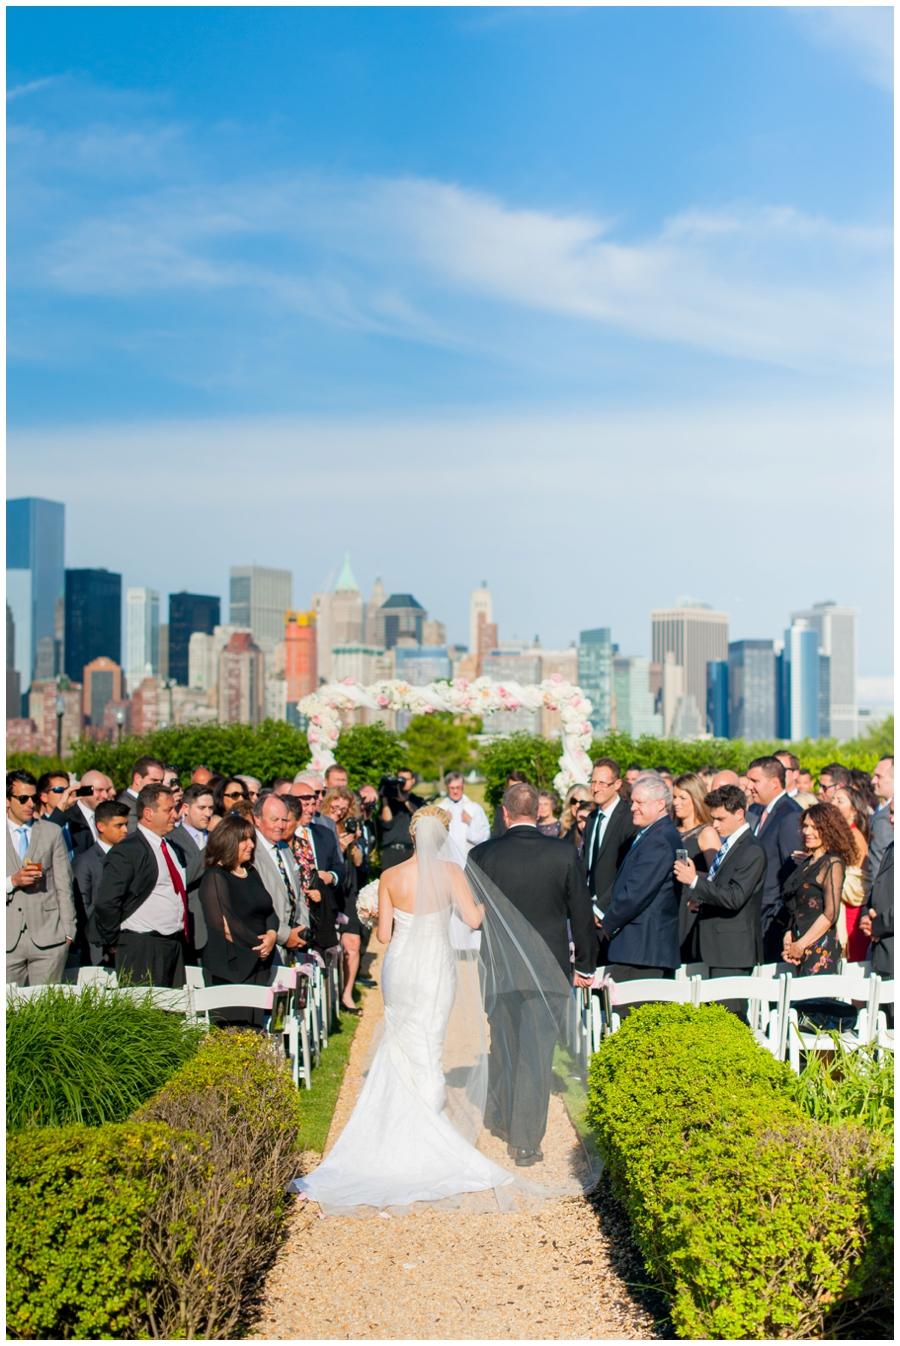 Ariane Moshayedi Photography - Wedding Photographer Orange County Newport Beach_0248.jpg